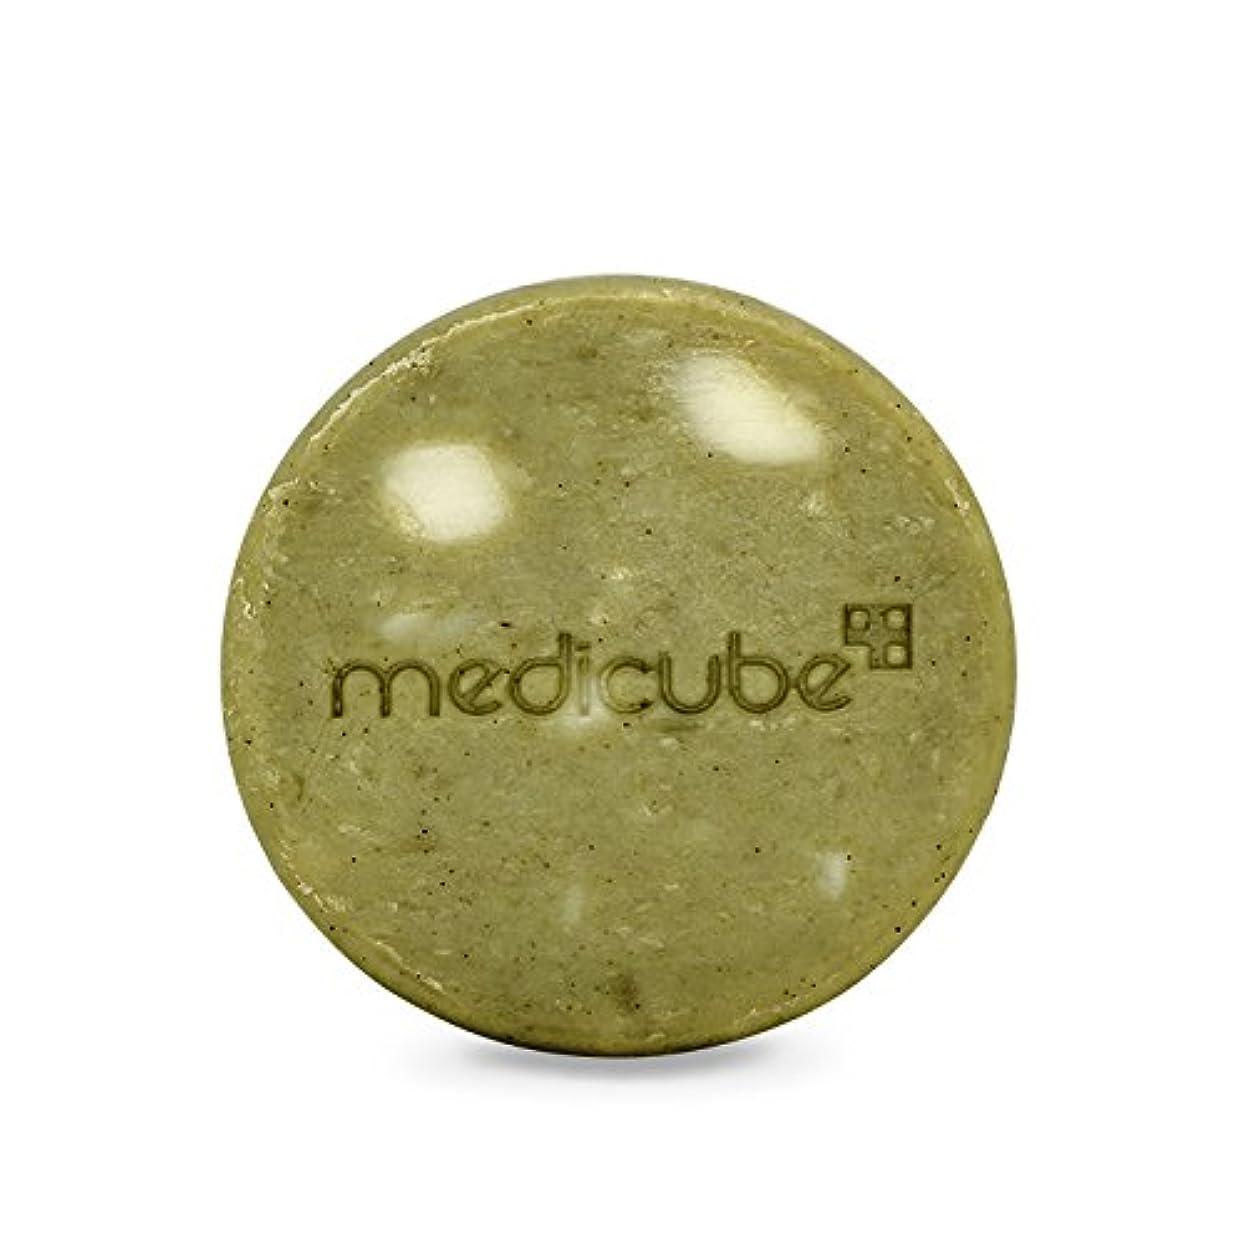 長々とジャグリング寛大さ[Medicube]Red Body Bar / メディキューブレッドボディバー / 正品?海外直送商品 [並行輸入品]